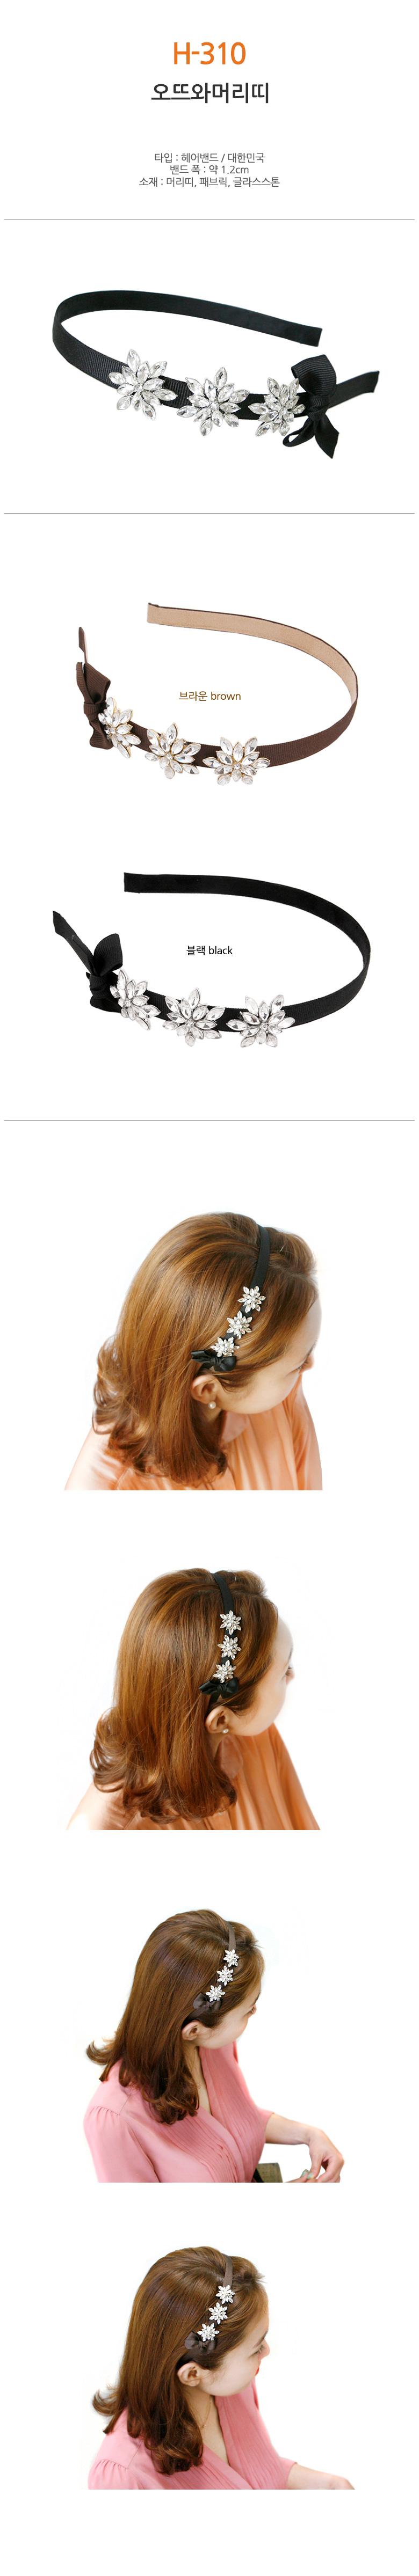 Bờm tóc Hàn Quốc - CT947